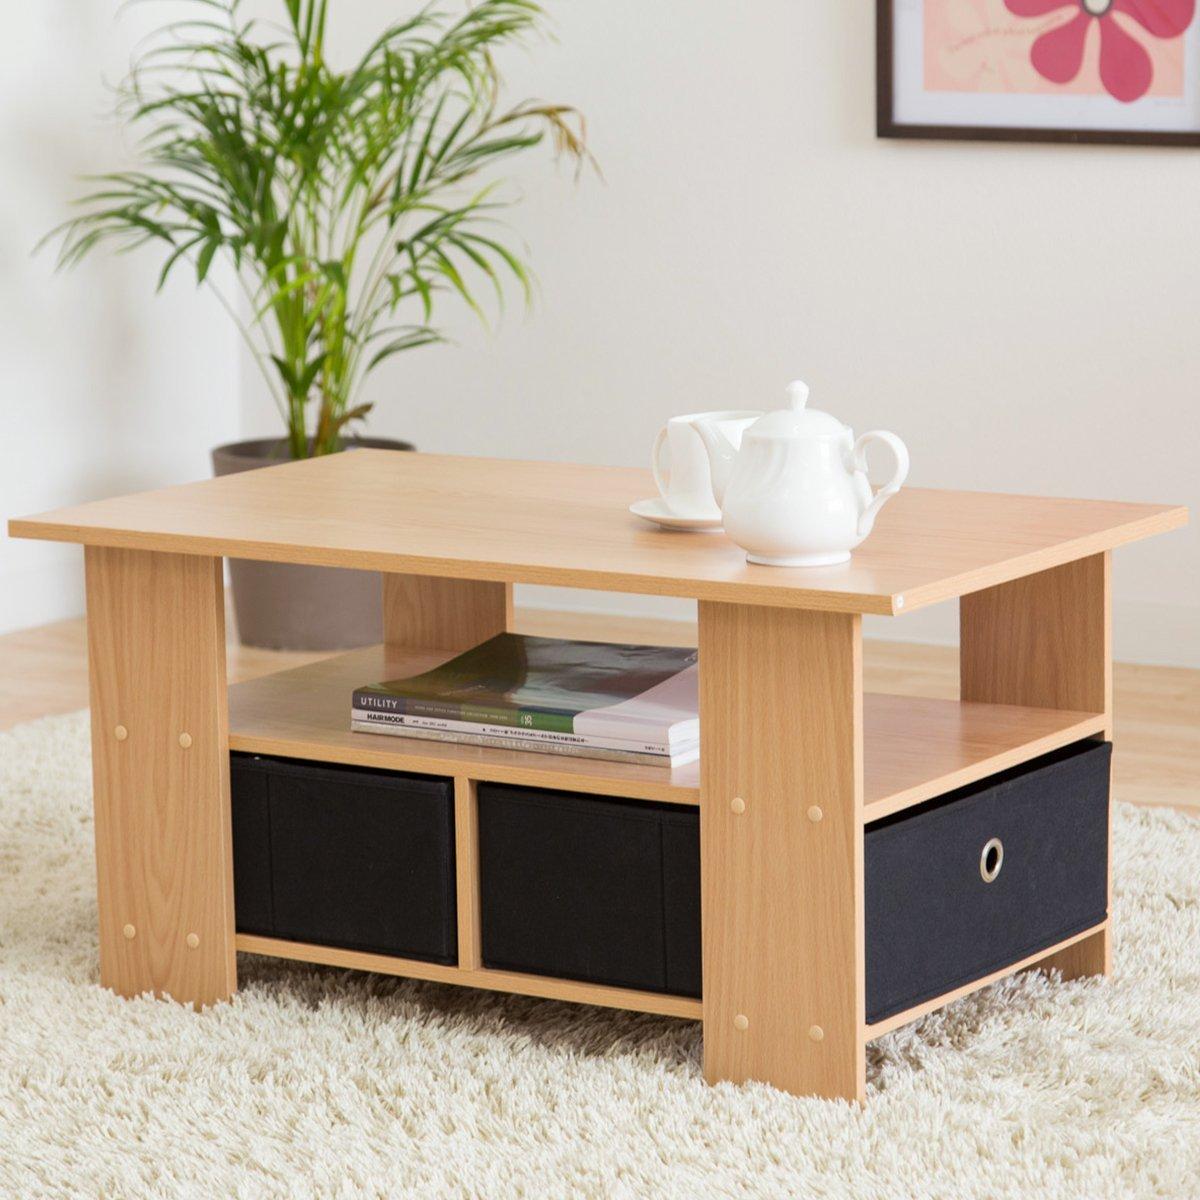 ローテーブルのおすすめ21選!IKEAやニトリのおしゃれな商品も